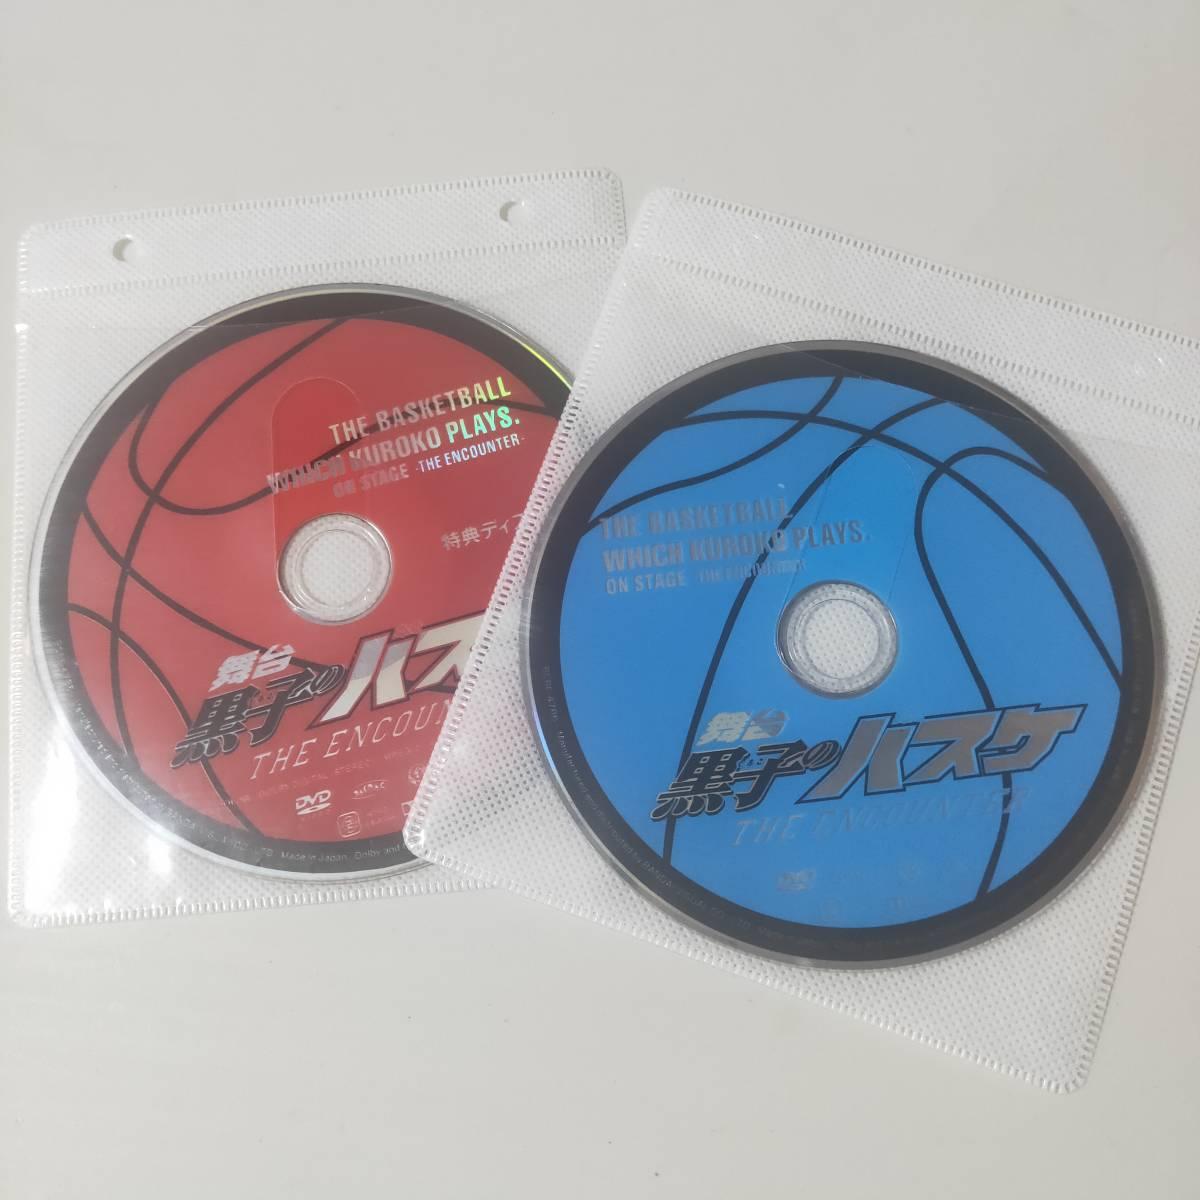 400円~【中古DVD】 舞台 「黒子のバスケ」 THE ENCOUNTER [DVD] のDVDのみです